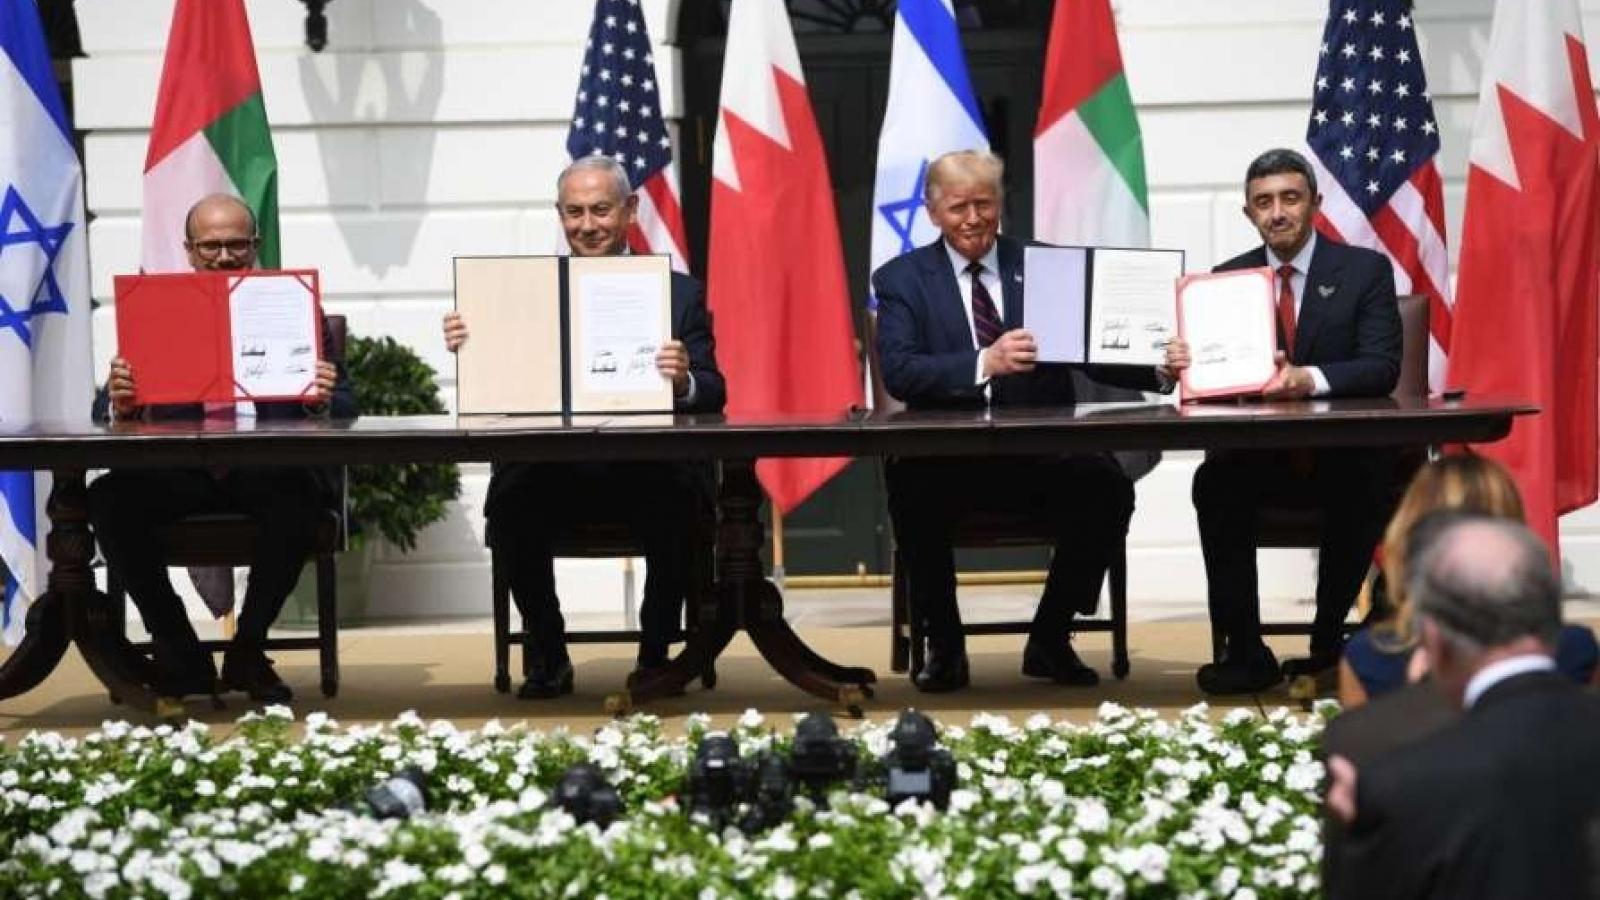 Thỏa thuận hòa bình Israel-Bahrain sẽ tái định hình Trung Đông ra sao?